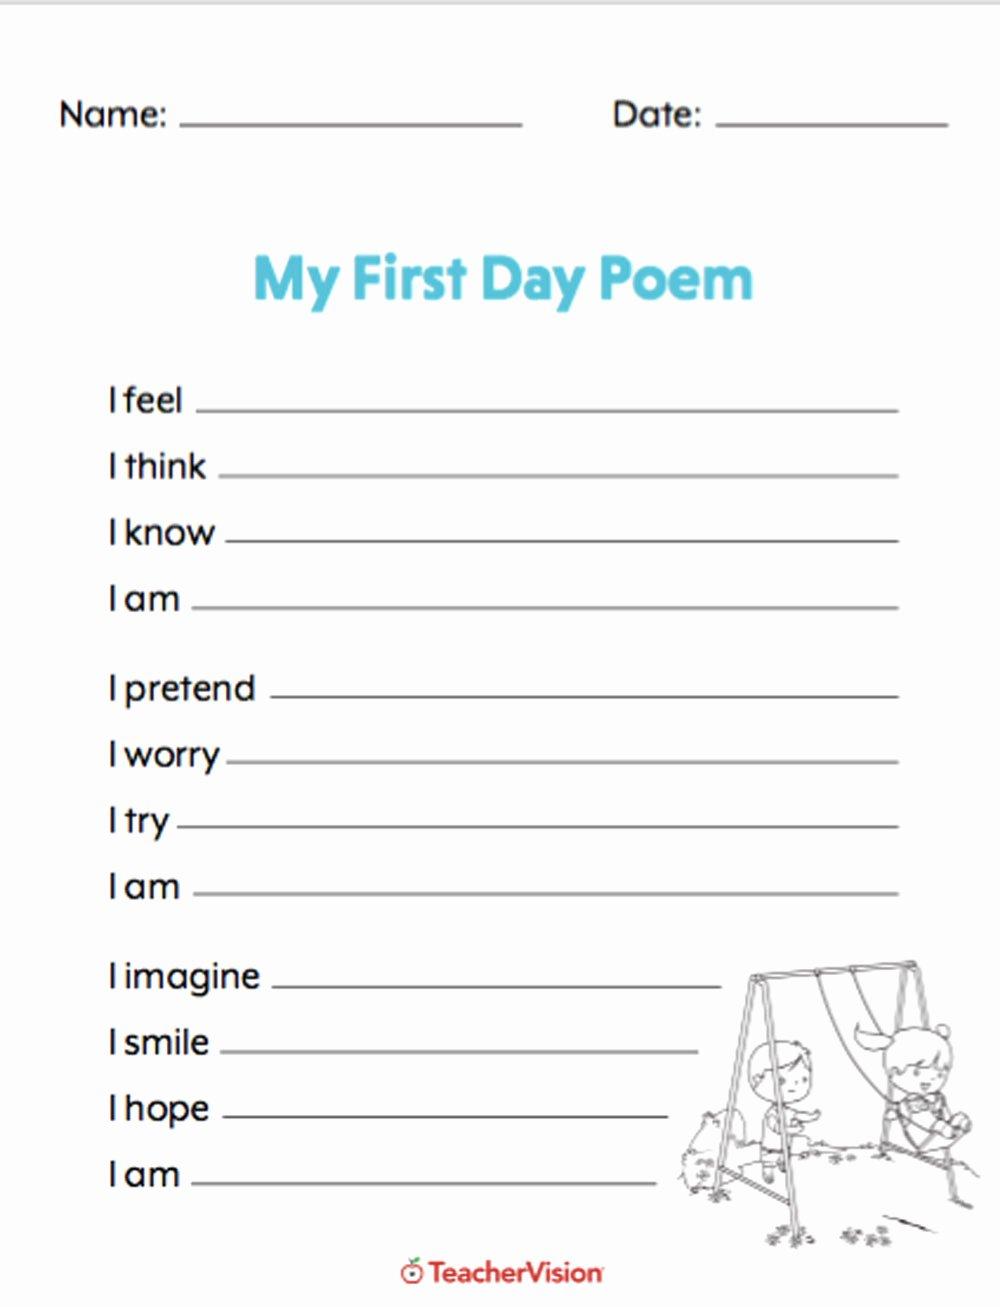 Ck Worksheets for 2nd Grade New Worksheet Worksheets for 2nd Graders astonishing